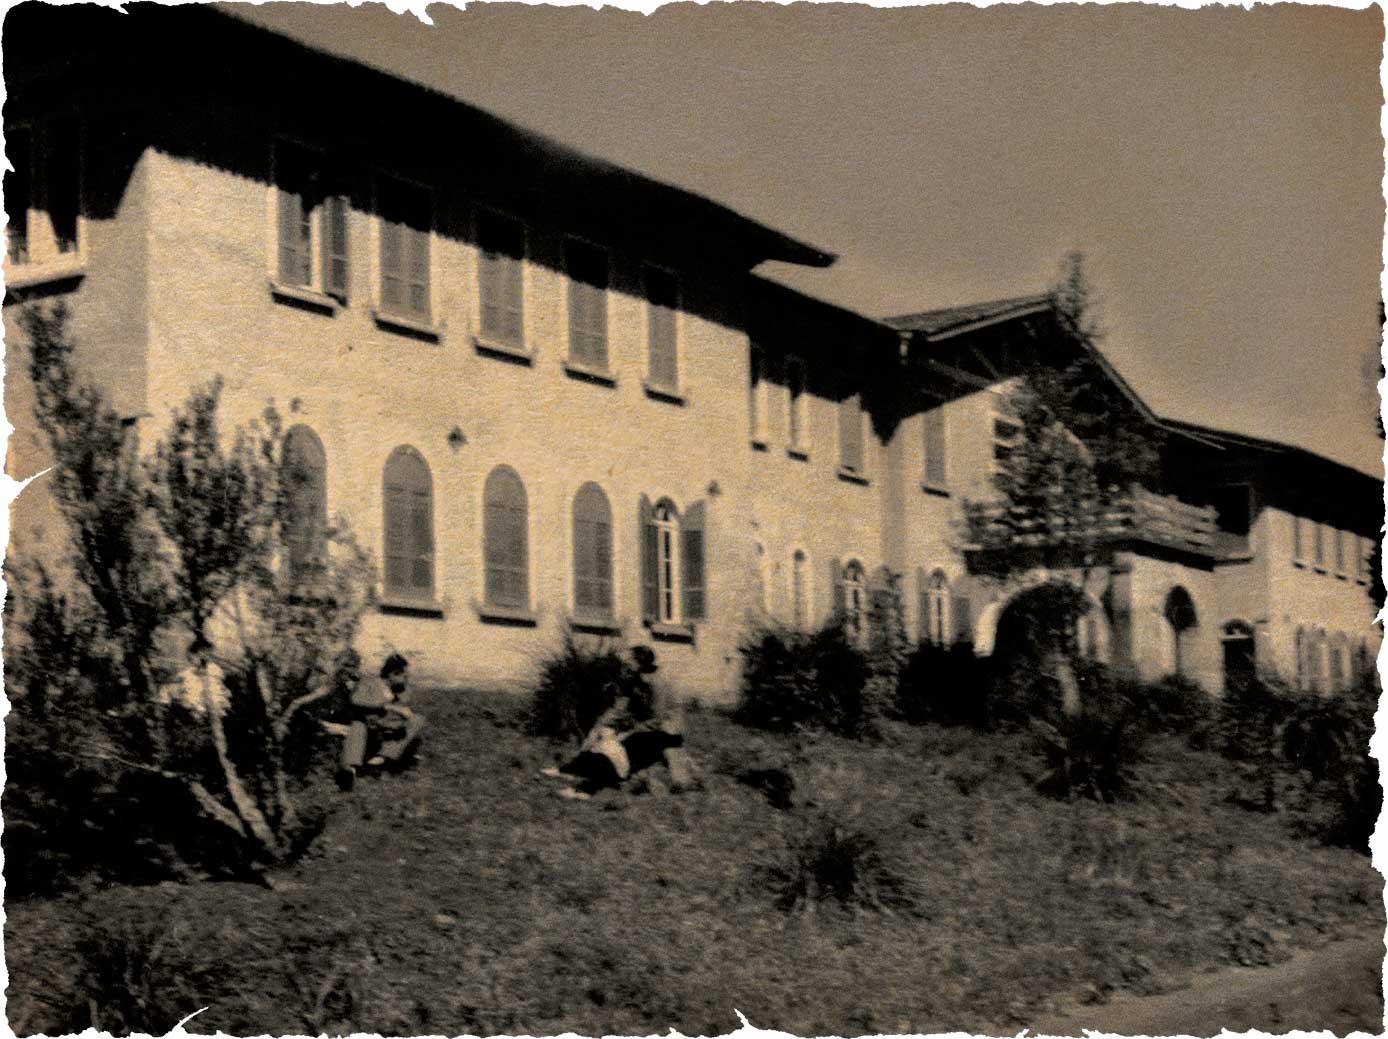 Campos-do-jordao-historia-santa-casa-bx